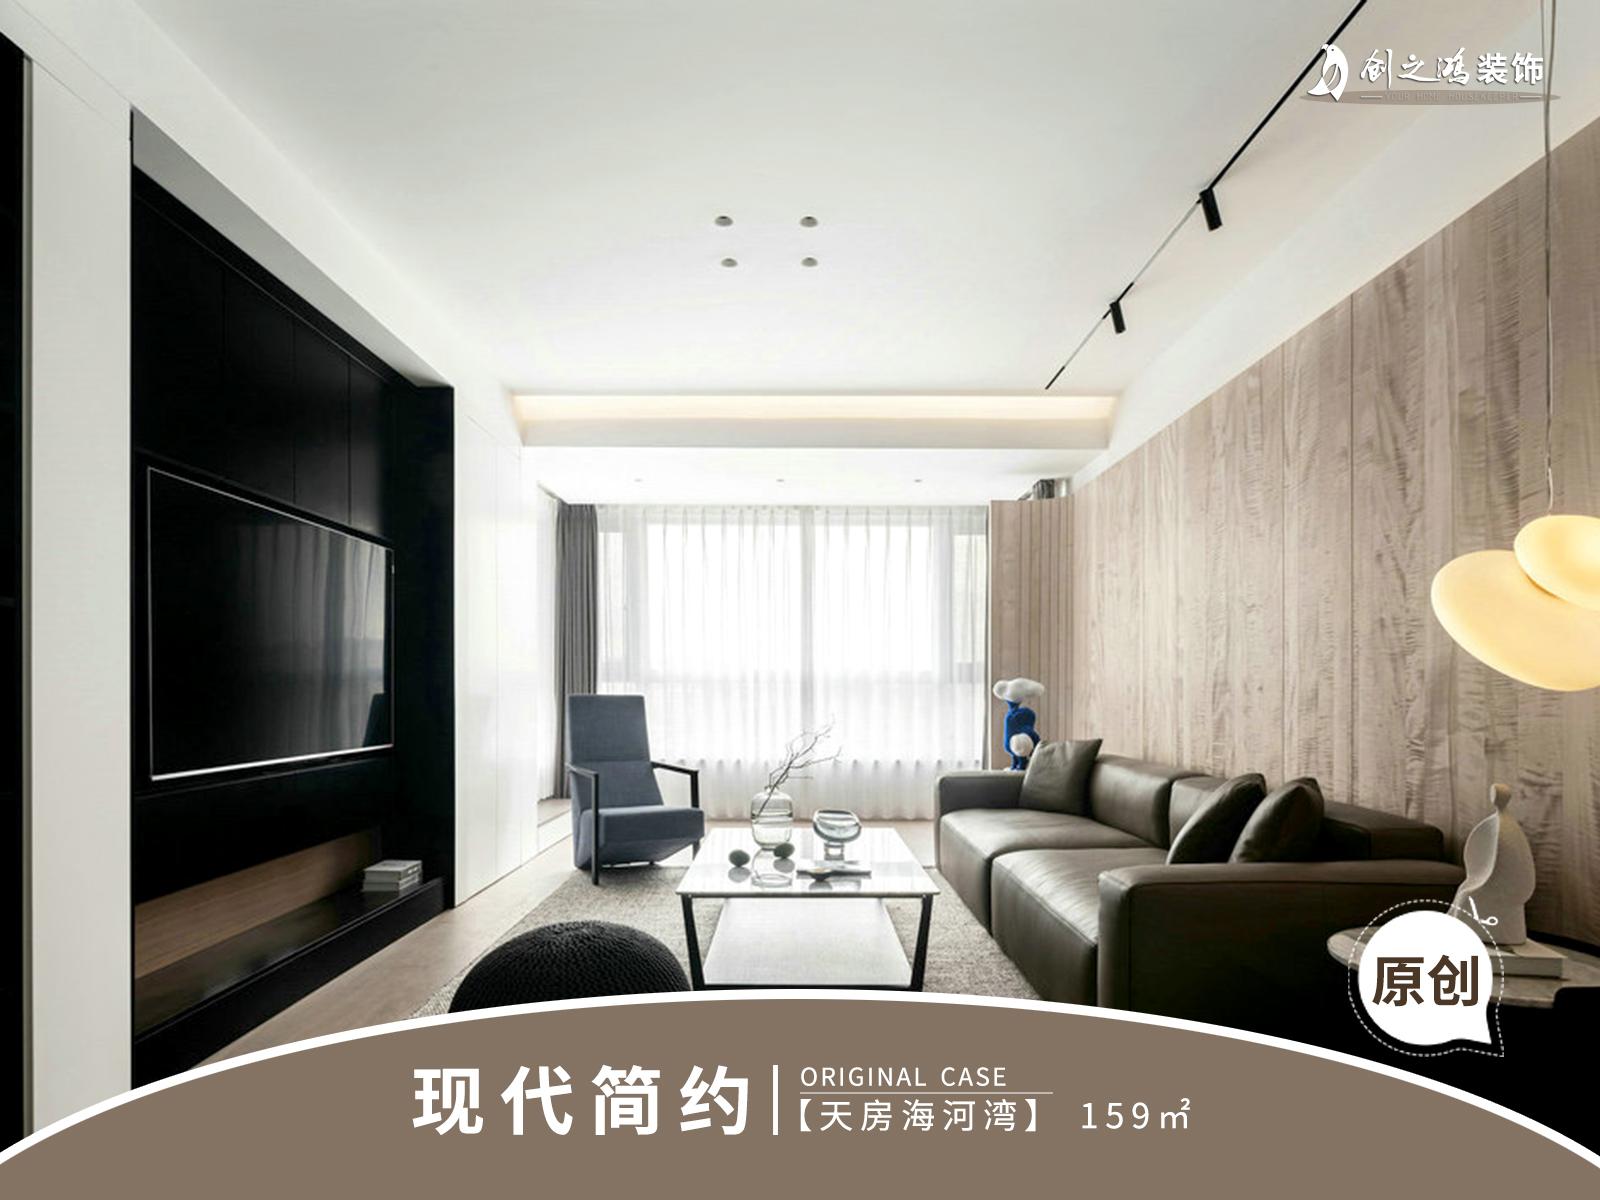 天津市河西区台儿庄路与水产路交口天房海河湾装修案例